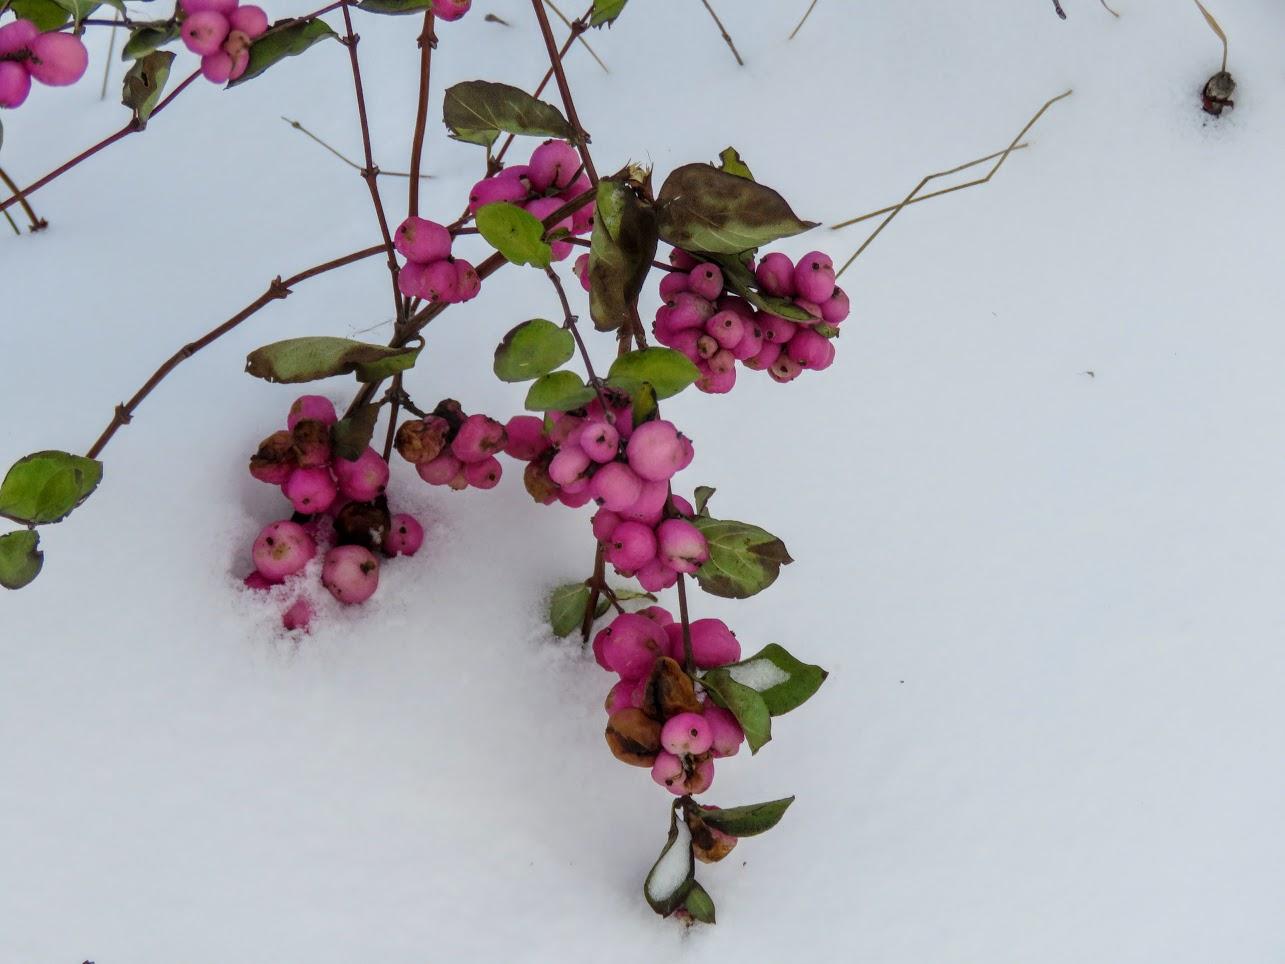 Розовый снежноягодник, снегири и другие прелести дня. Мой Мурыч с утра) IMG 2522